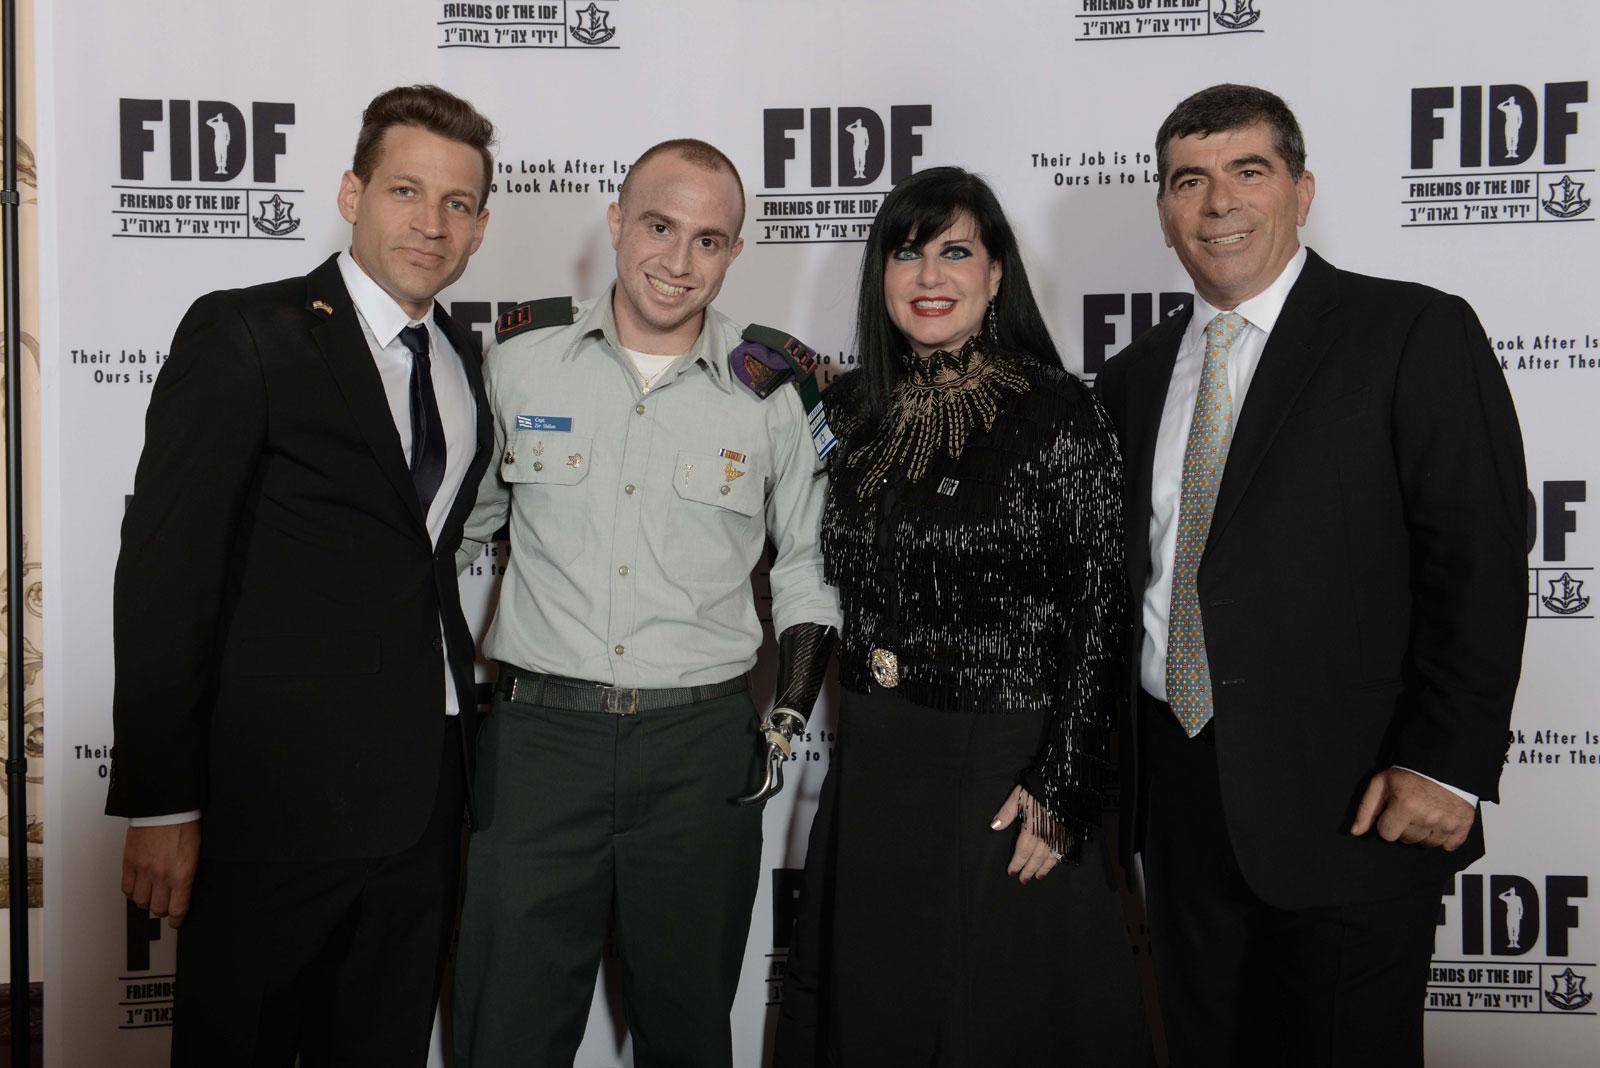 """ערב הגאלה של FIDF בניו-יורק, הרמטכ""""ל לשעבר גבי אשכנזי וסרן זיו שילון מצטלמים עם תורמים, 12.3.13 (צילום: יח""""צ)"""